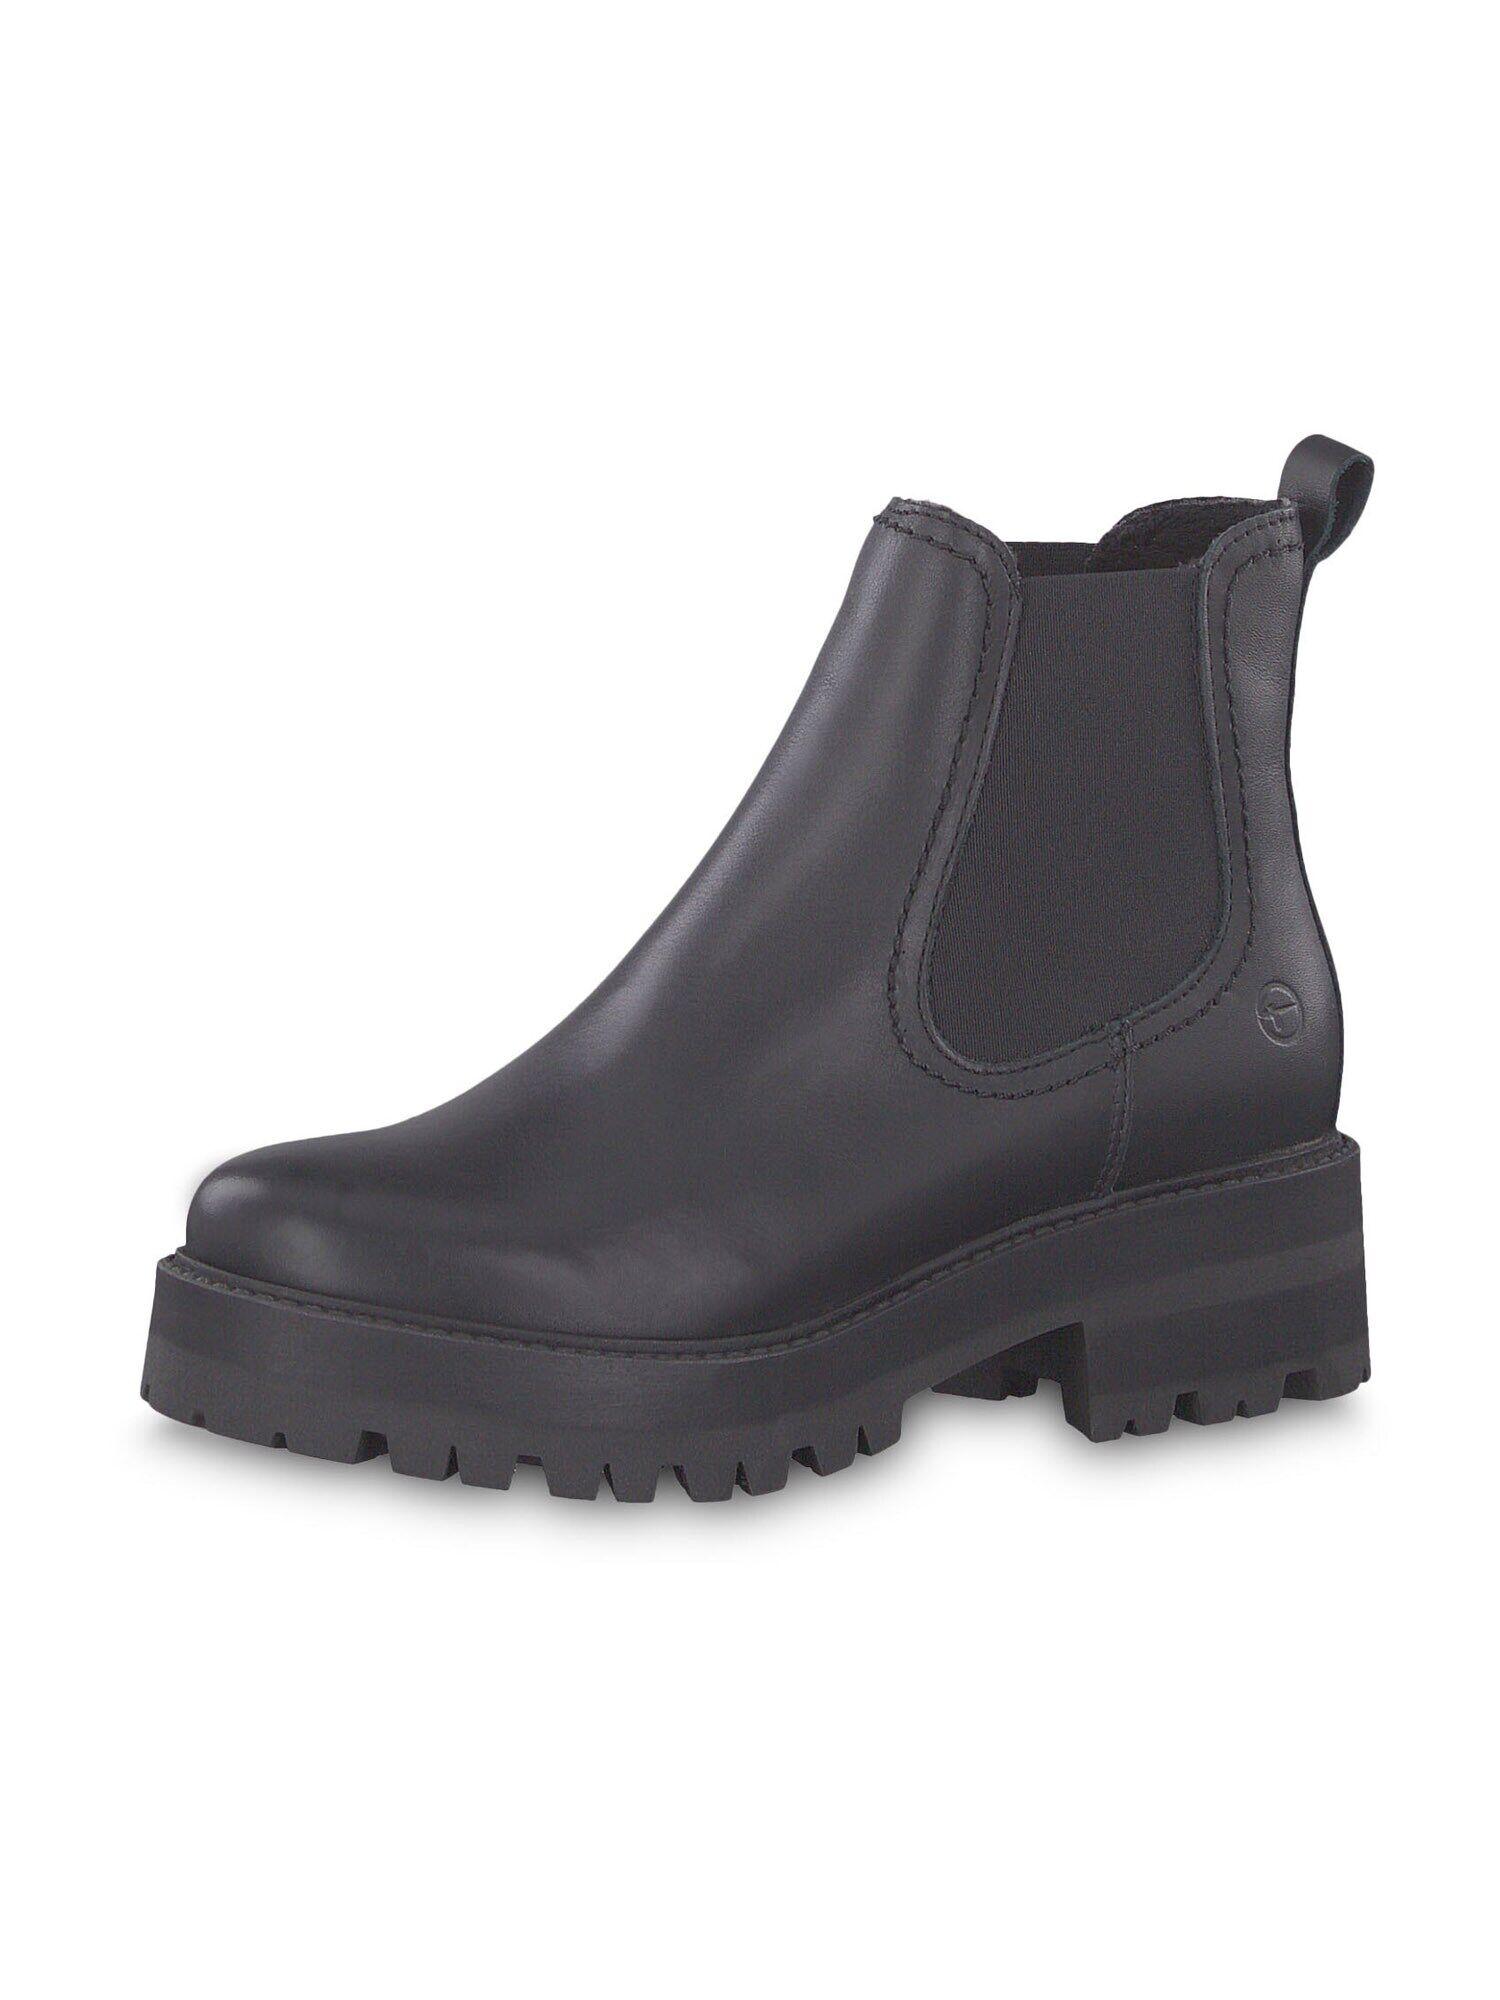 TAMARIS Chelsea Boots  - Noir - Taille: 39 - female